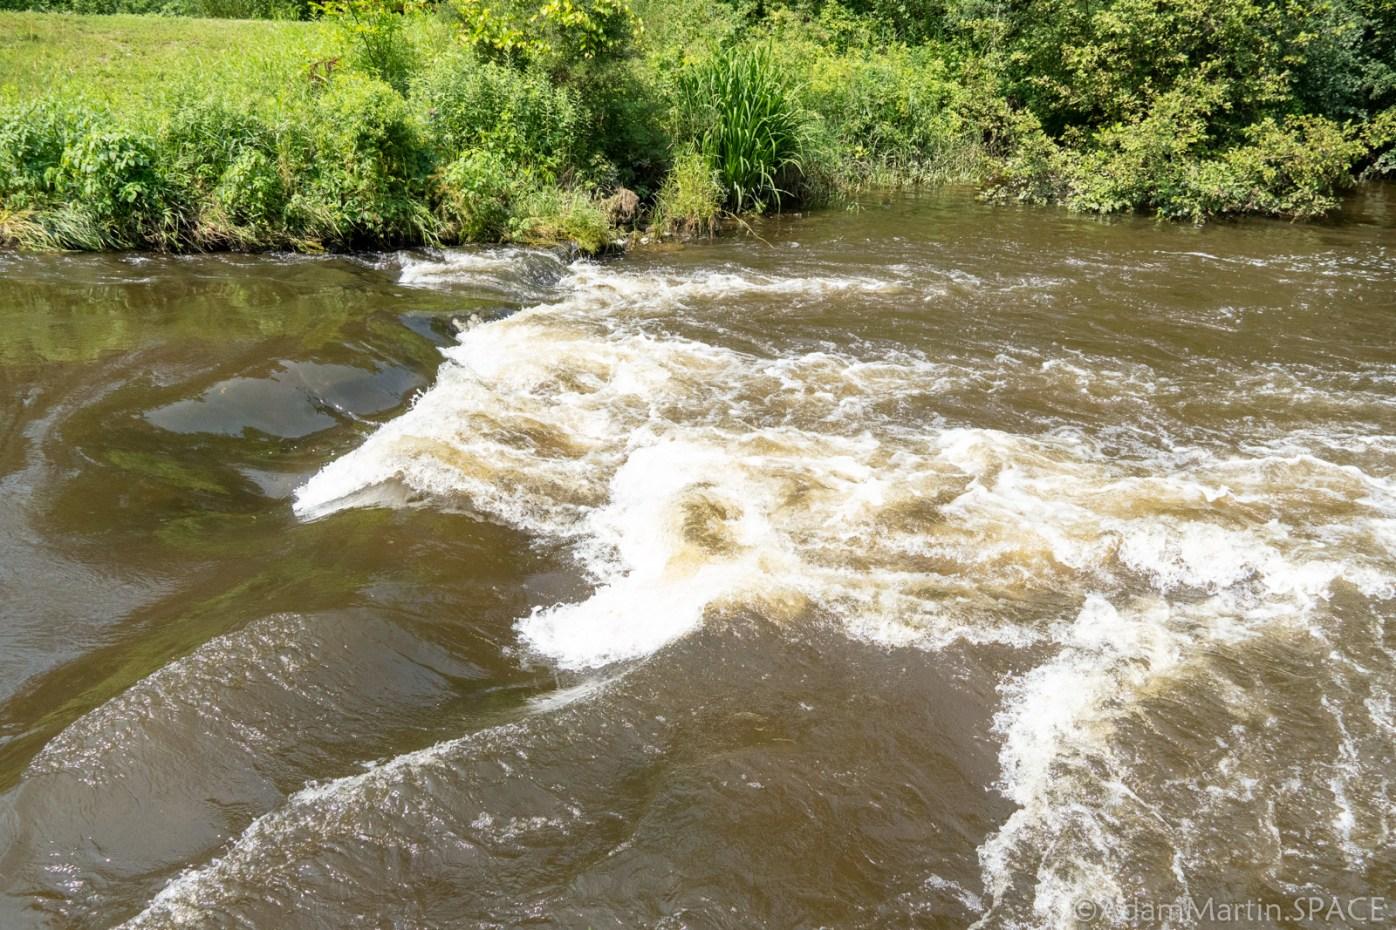 Amundson Park Falls - Side View